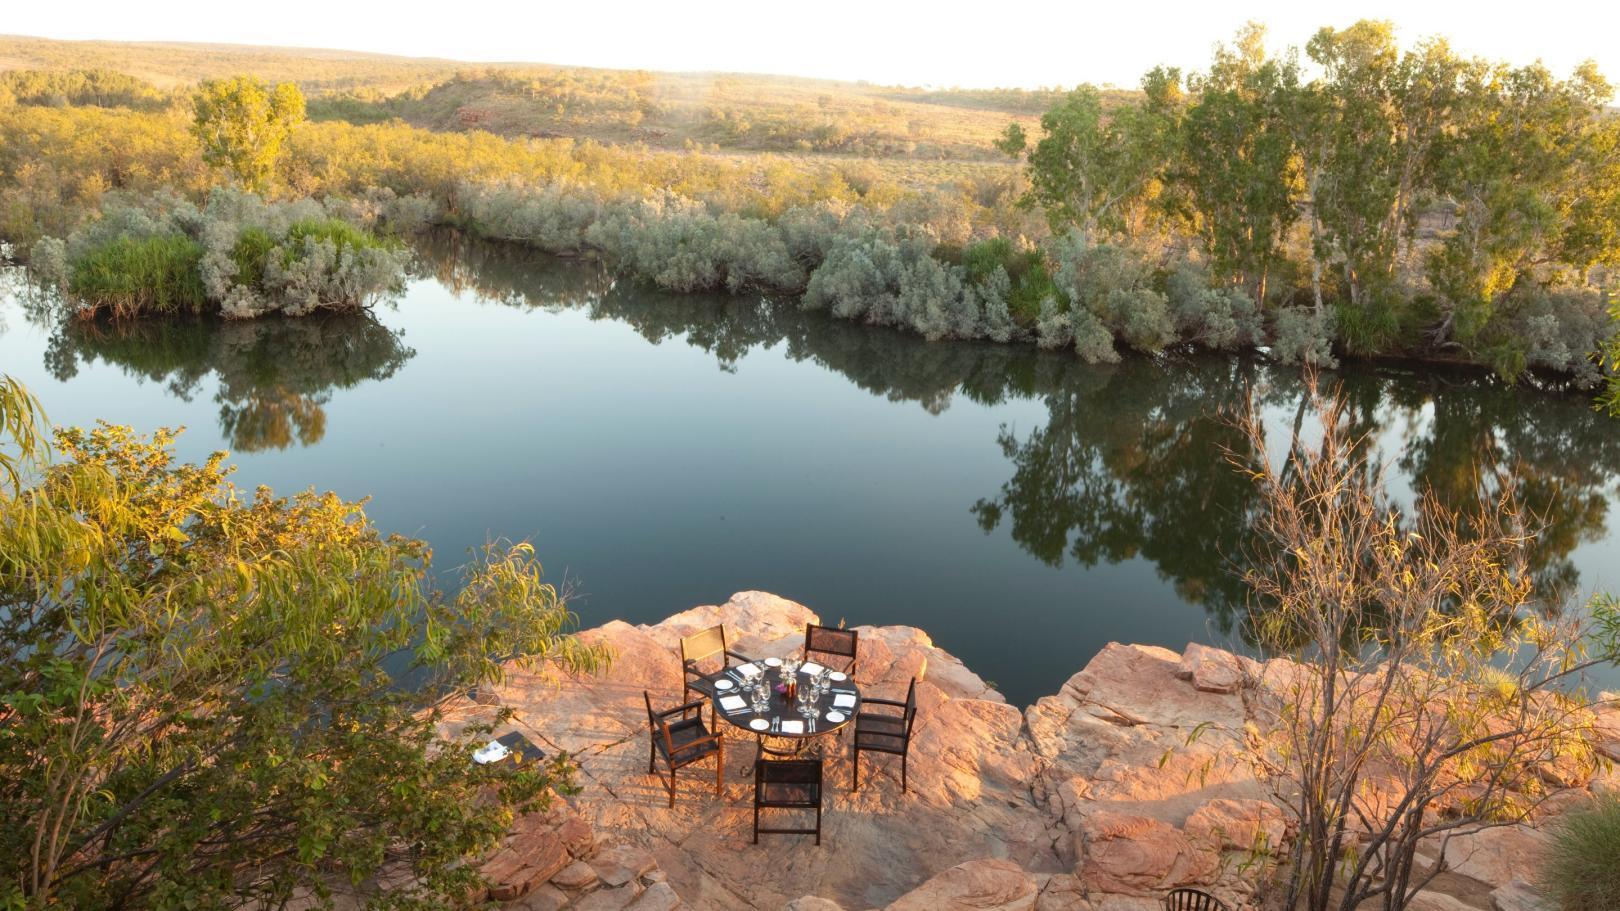 El Questro Homestead Kimberley - 5 địa điểm tuyệt nhất cho một kỳ nghỉ lãng mạn ở Úc